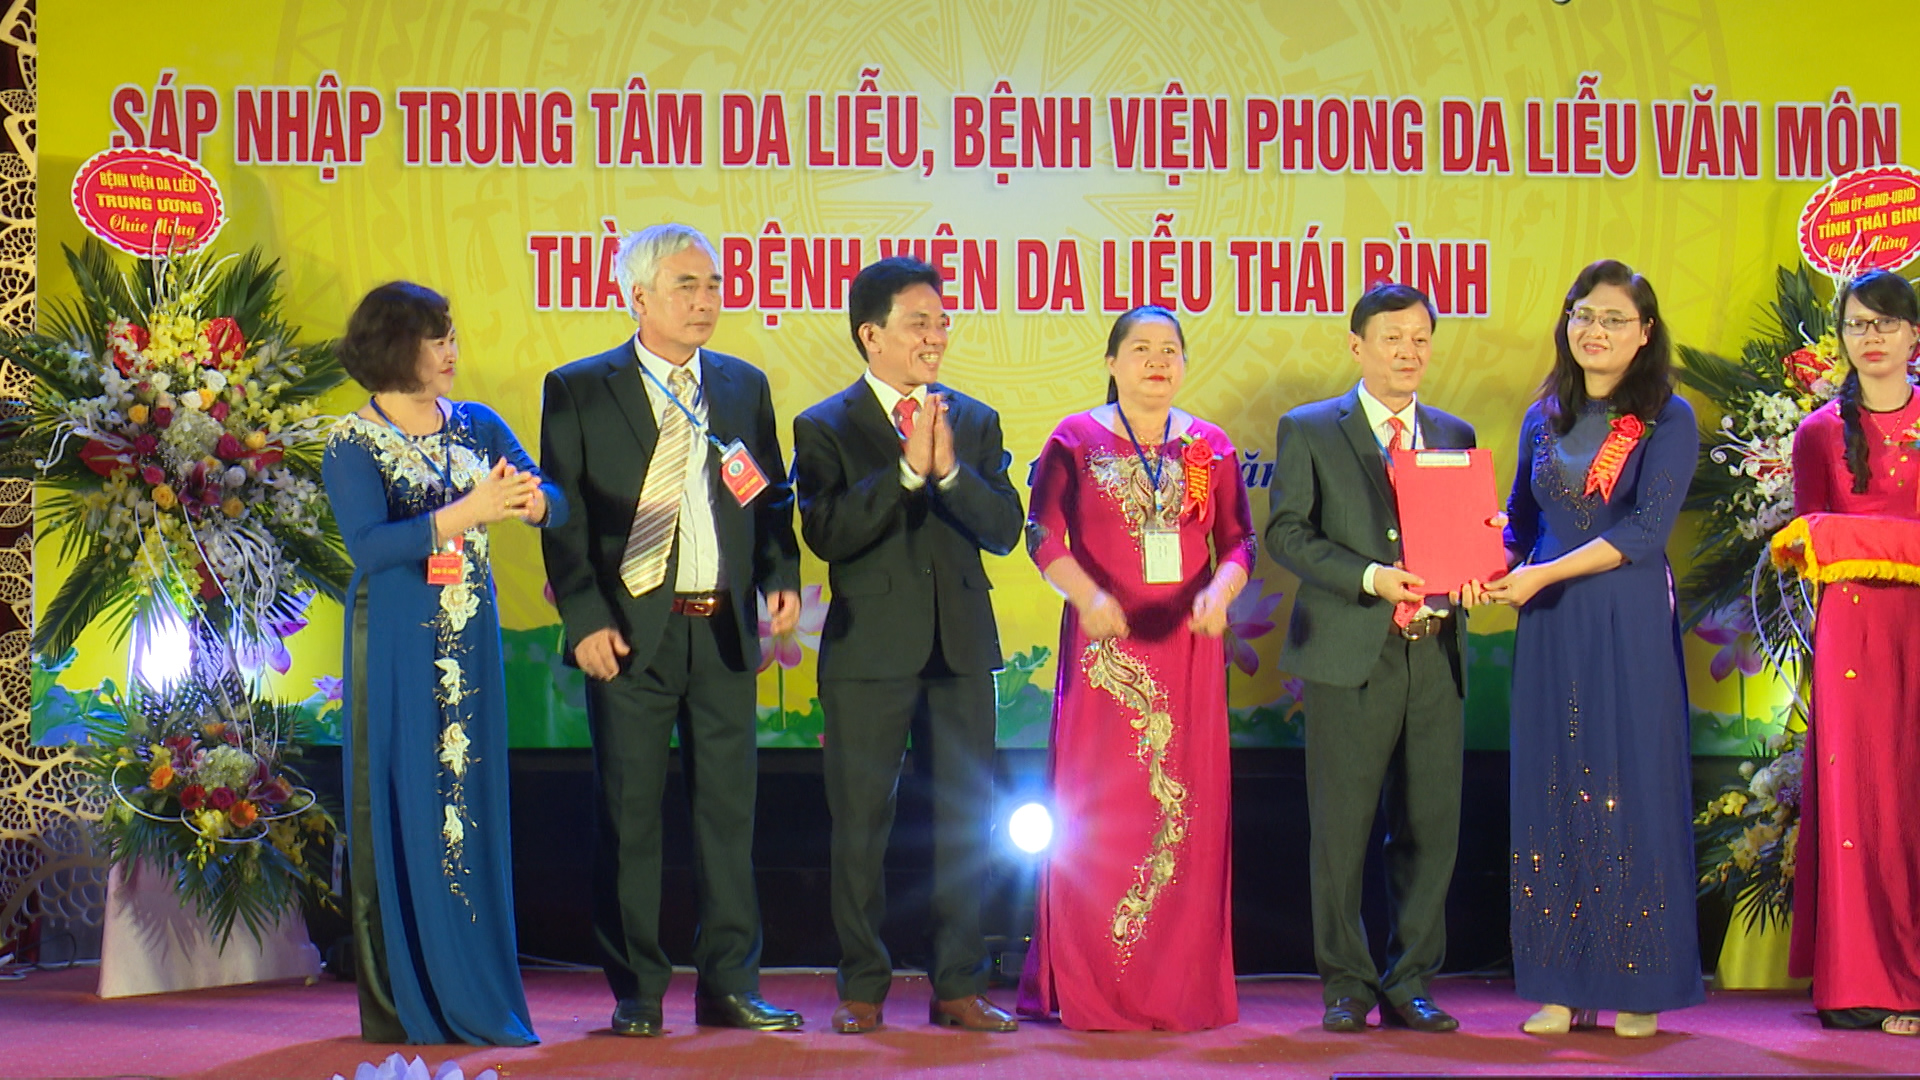 Lễ công bố quyết định thành lập Bệnh Viện Da Liễu Thái Bình